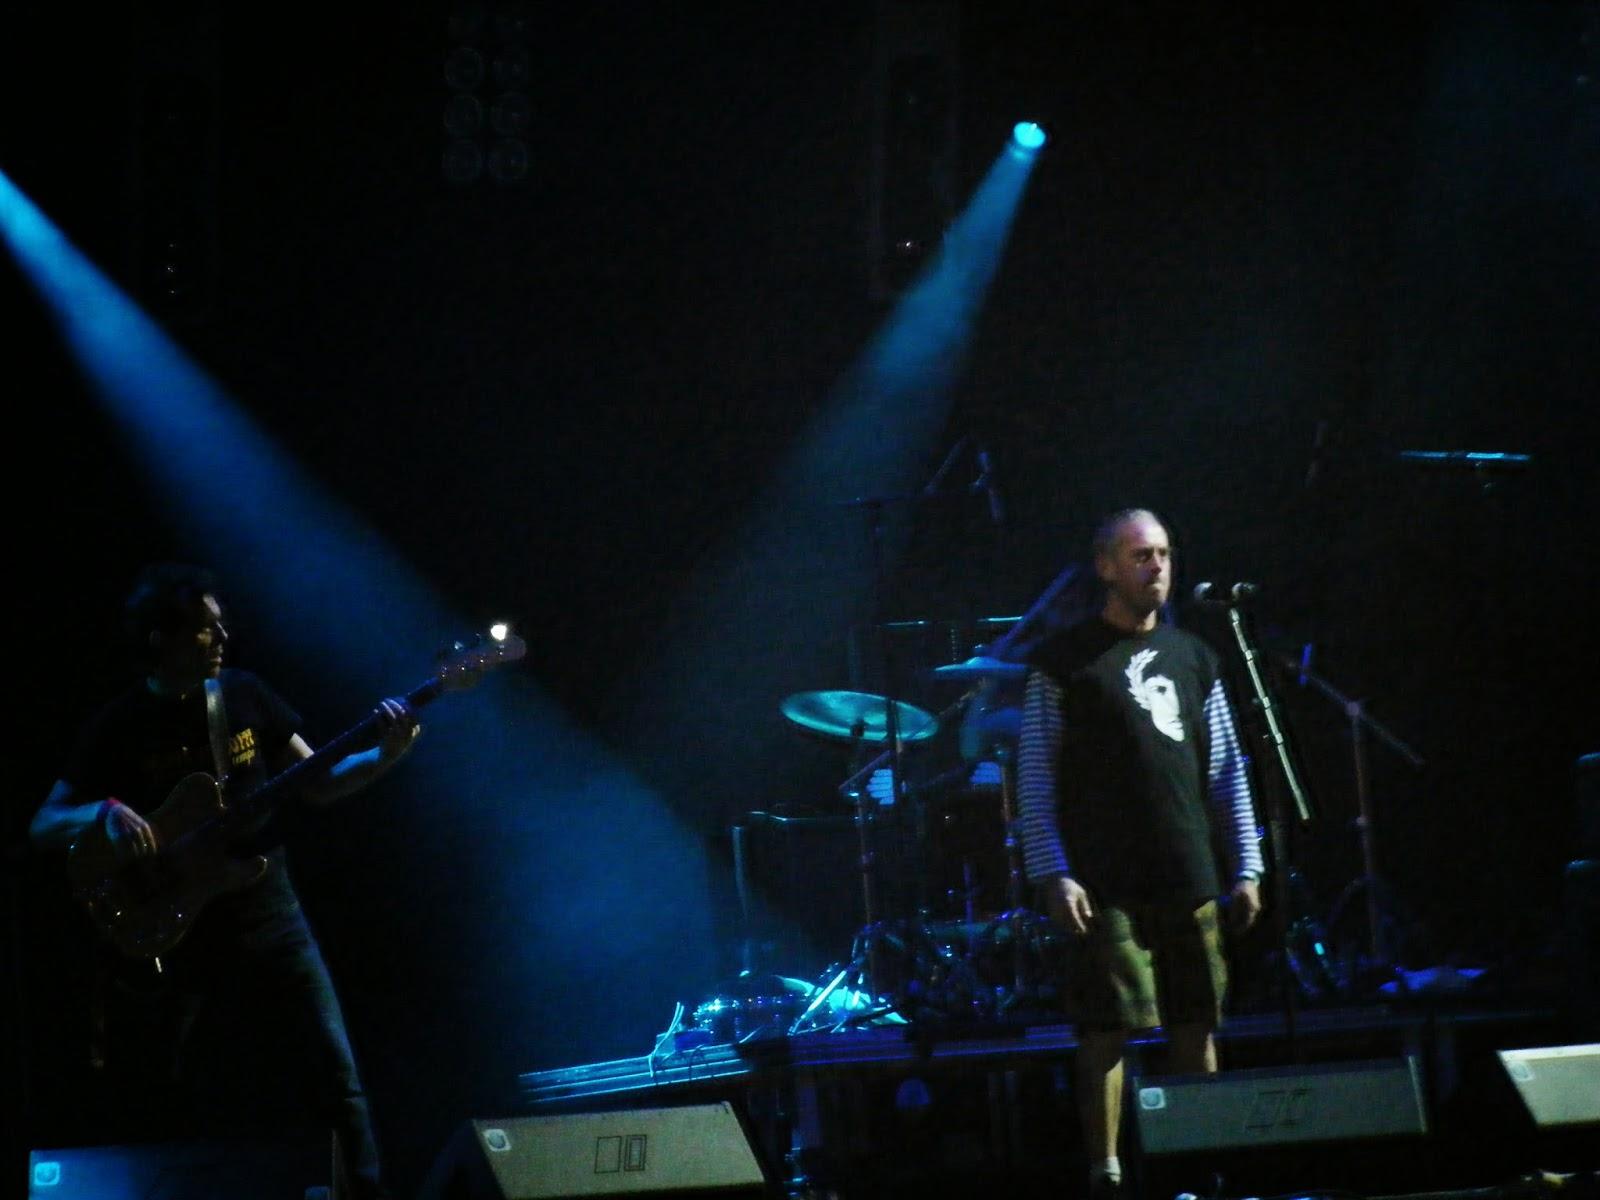 http://unlimitedrockandmusic.blogspot.com.es/